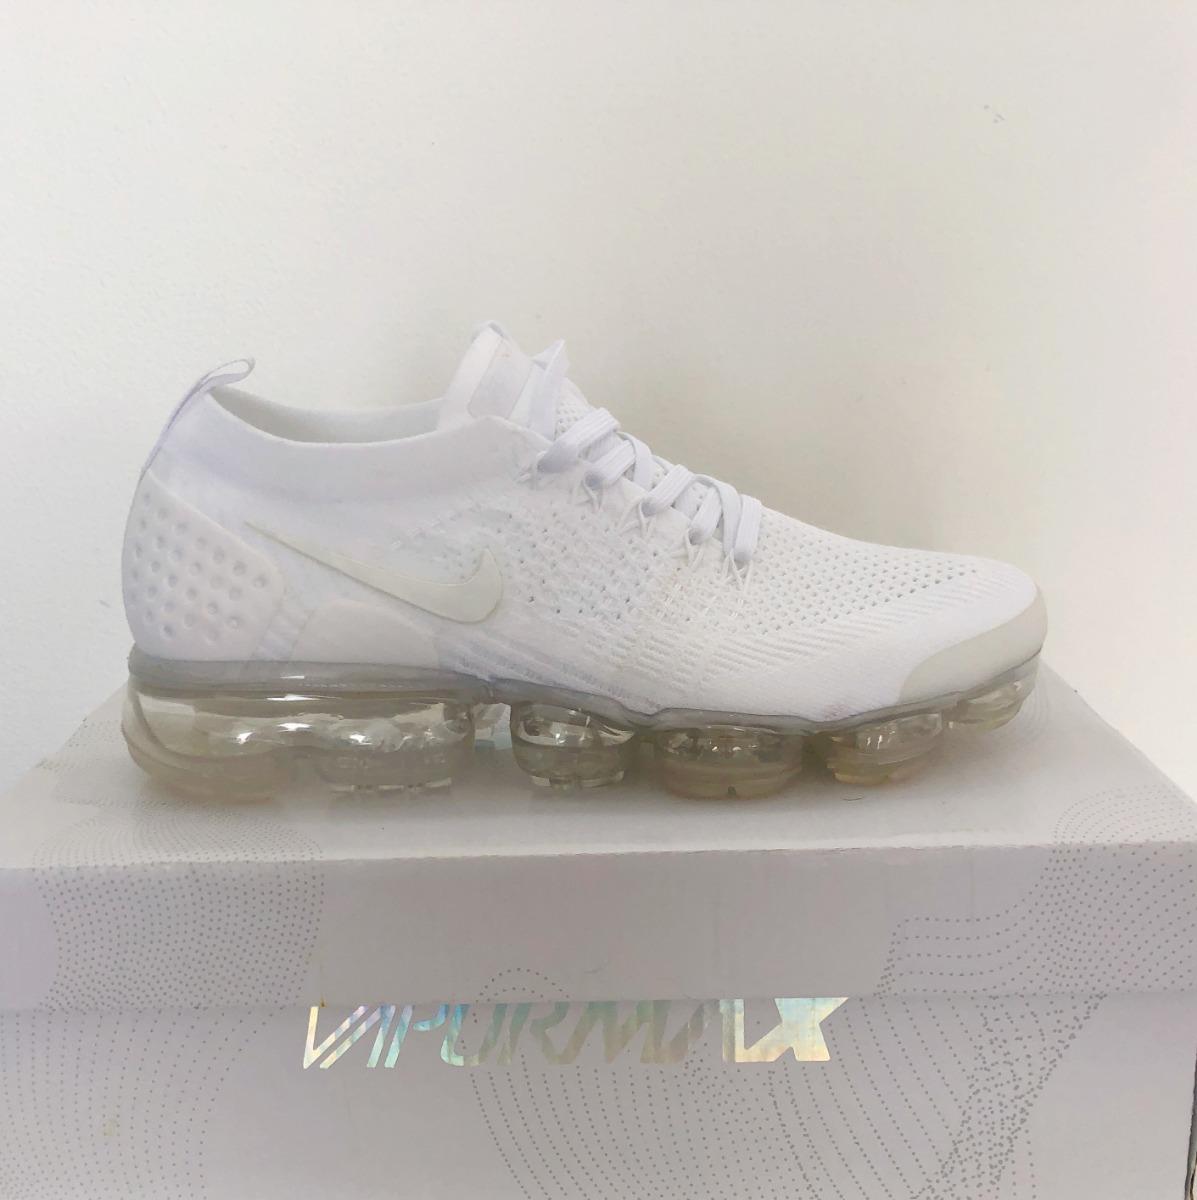 Blanco Nike 2018envio Tenis Vapormax Gratis KJ1lFuTc35